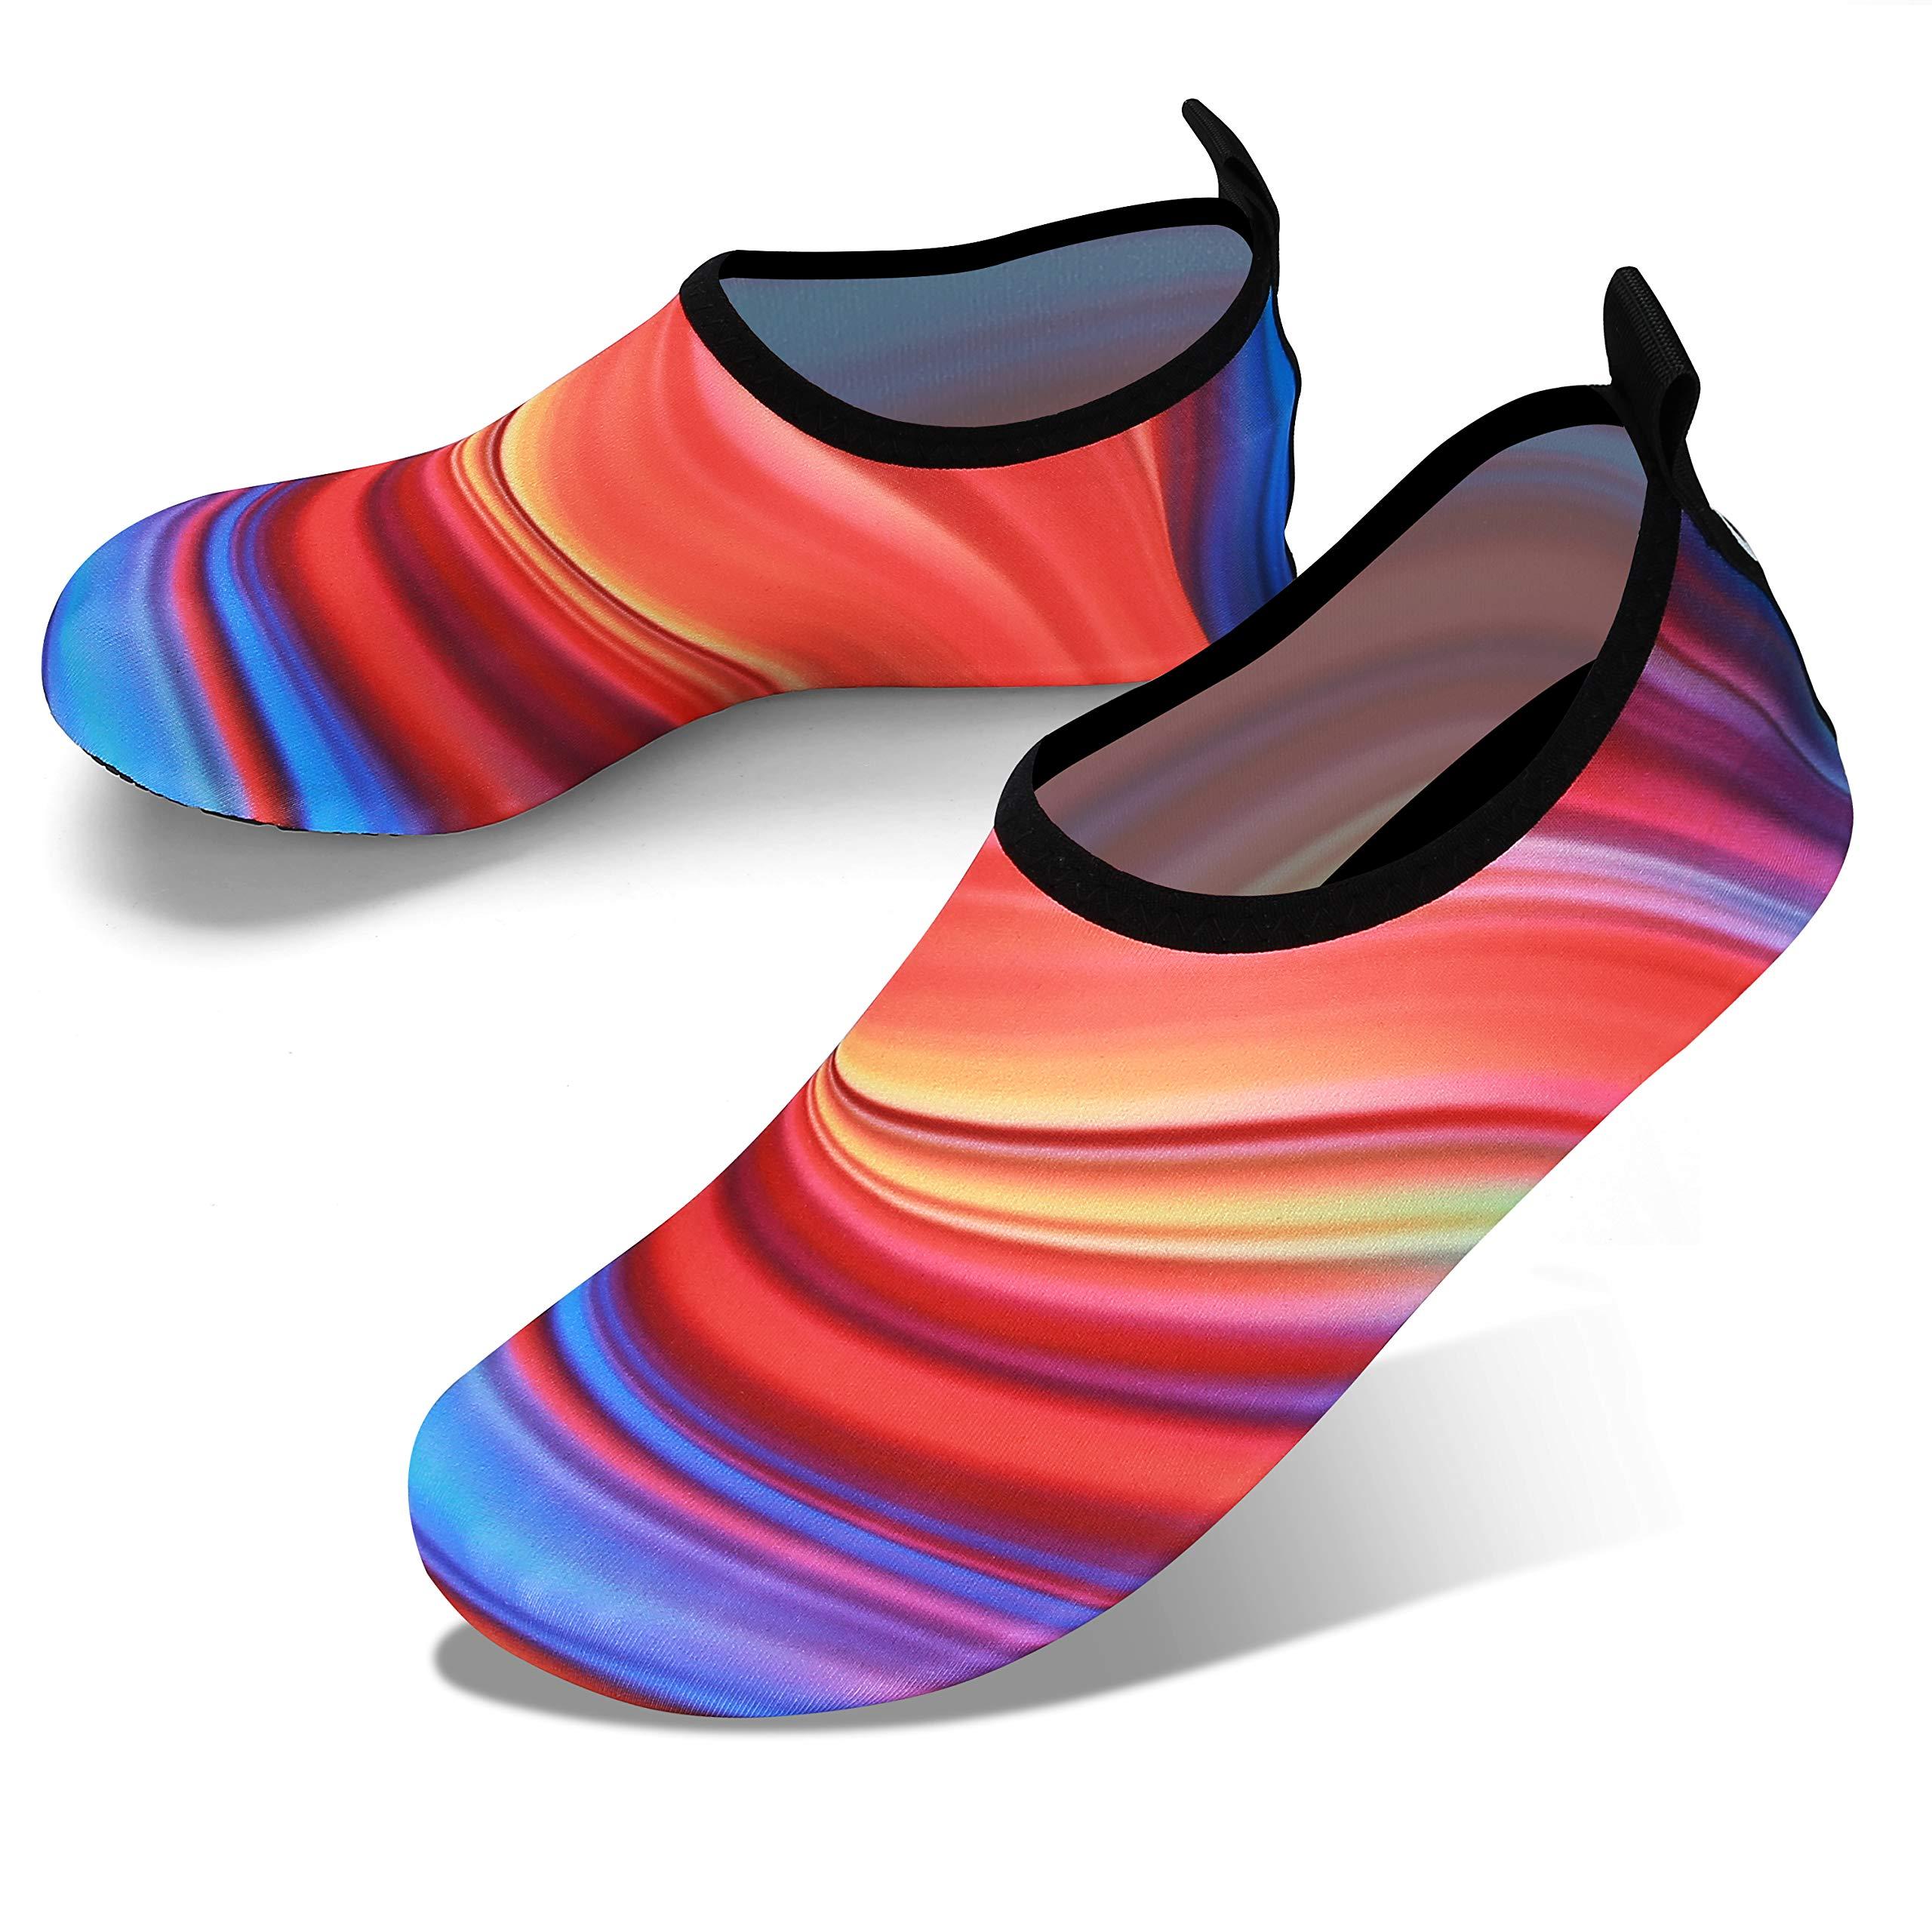 JOTO 水鞋,男女儿童,赤脚速干水袜一脚蹬游泳沙滩鞋,浮潜冲浪皮划艇海滩散步瑜伽